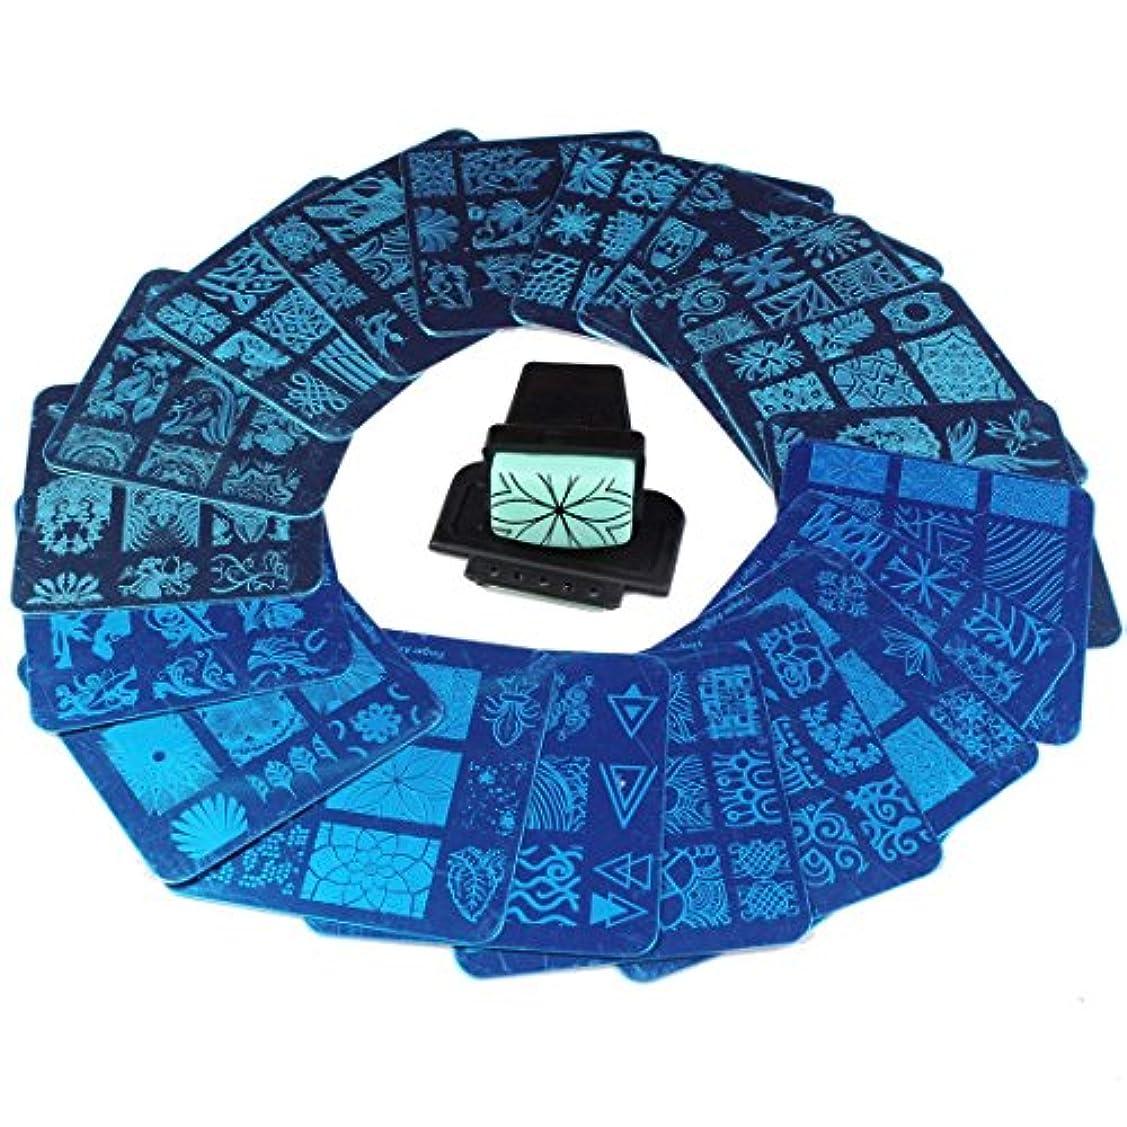 お尻札入れピカソFingerAngel ネイルイメージプレートセット ネイルプレート 正方形20枚 付き ネイルサロンも自宅も使えるネイルプレート